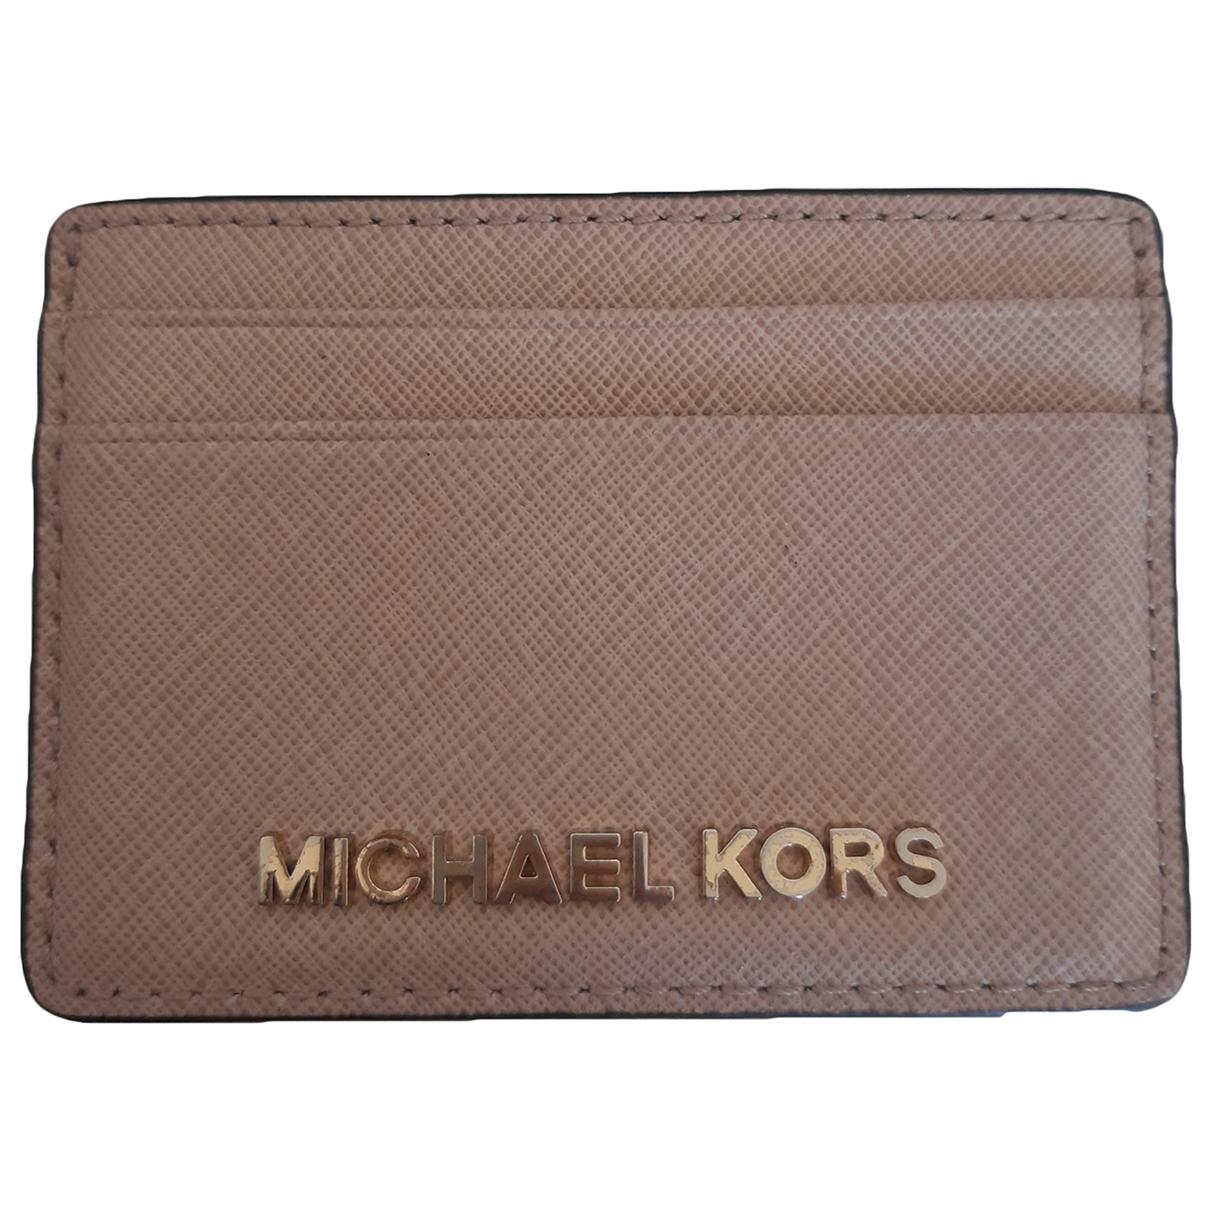 Michael Kors \N Portemonnaie in  Beige Leder